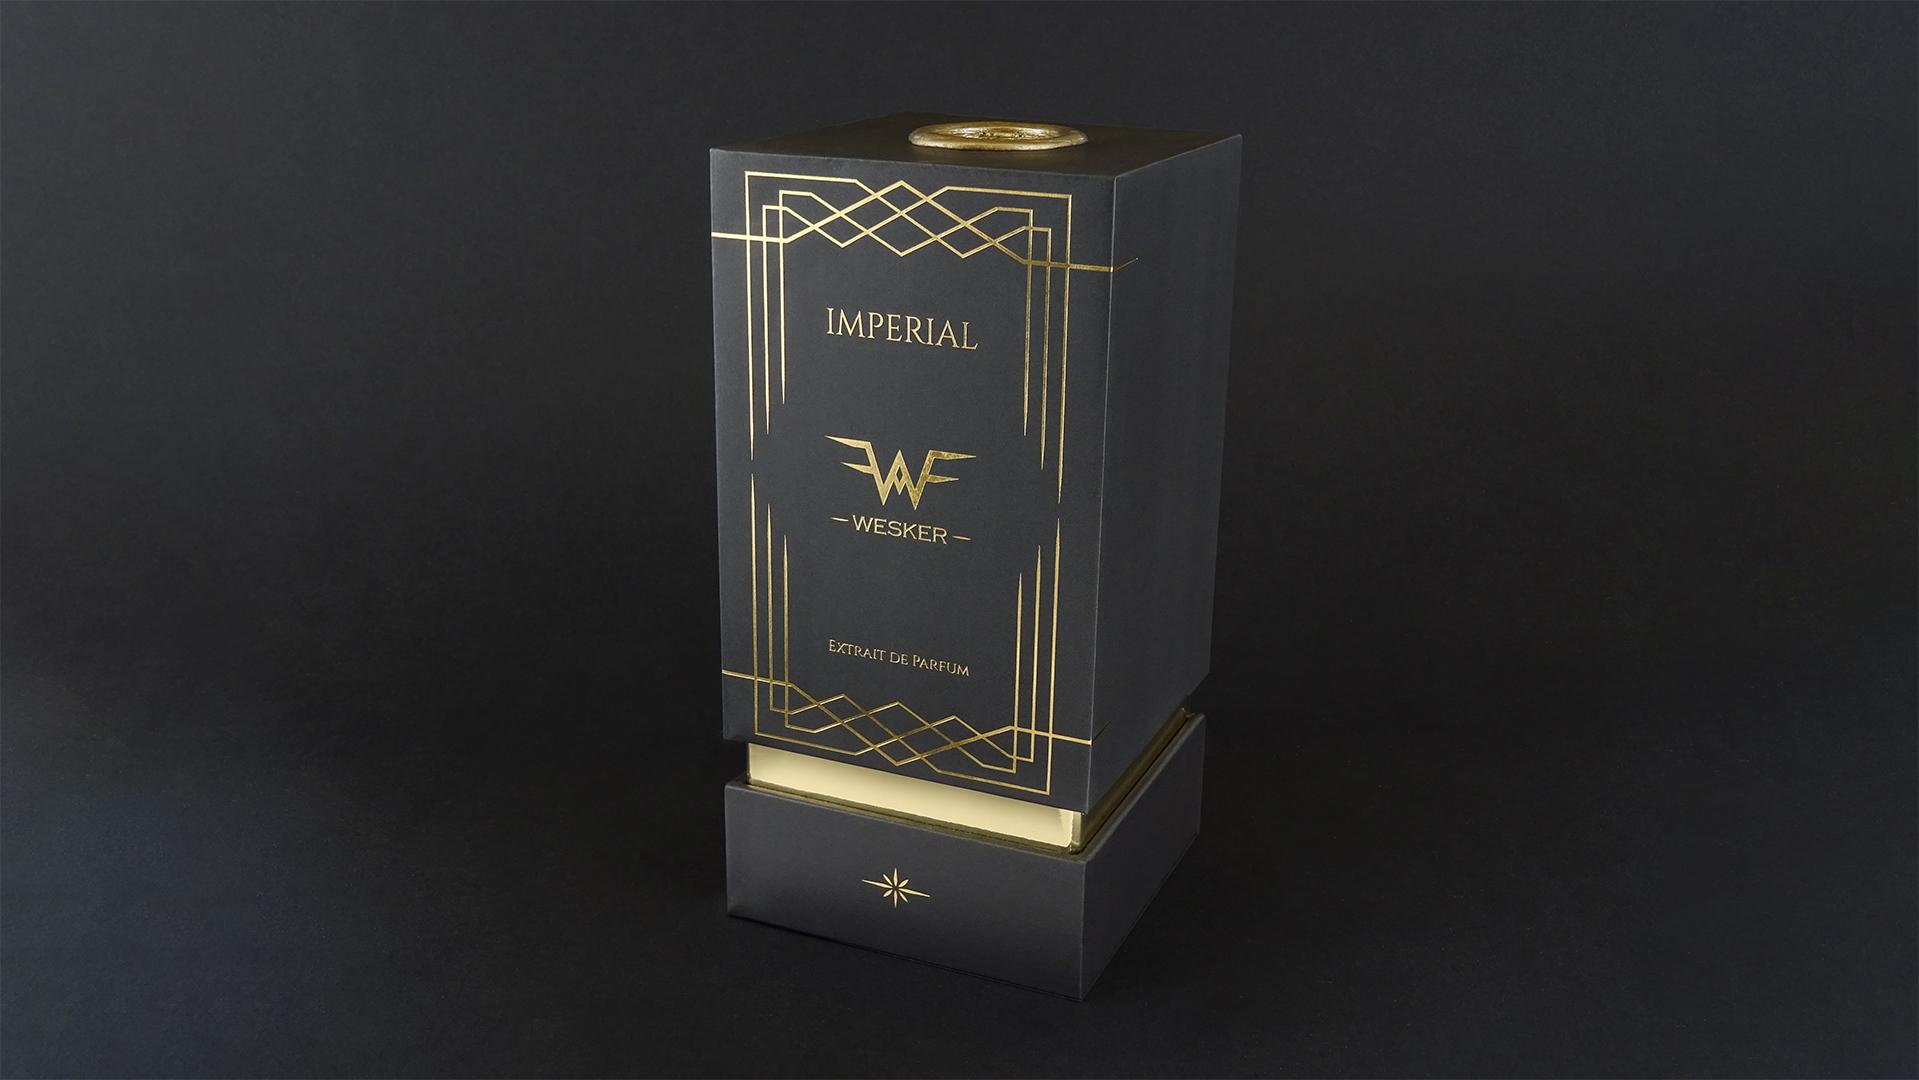 Wesker_Imperial_Packaging_16x9